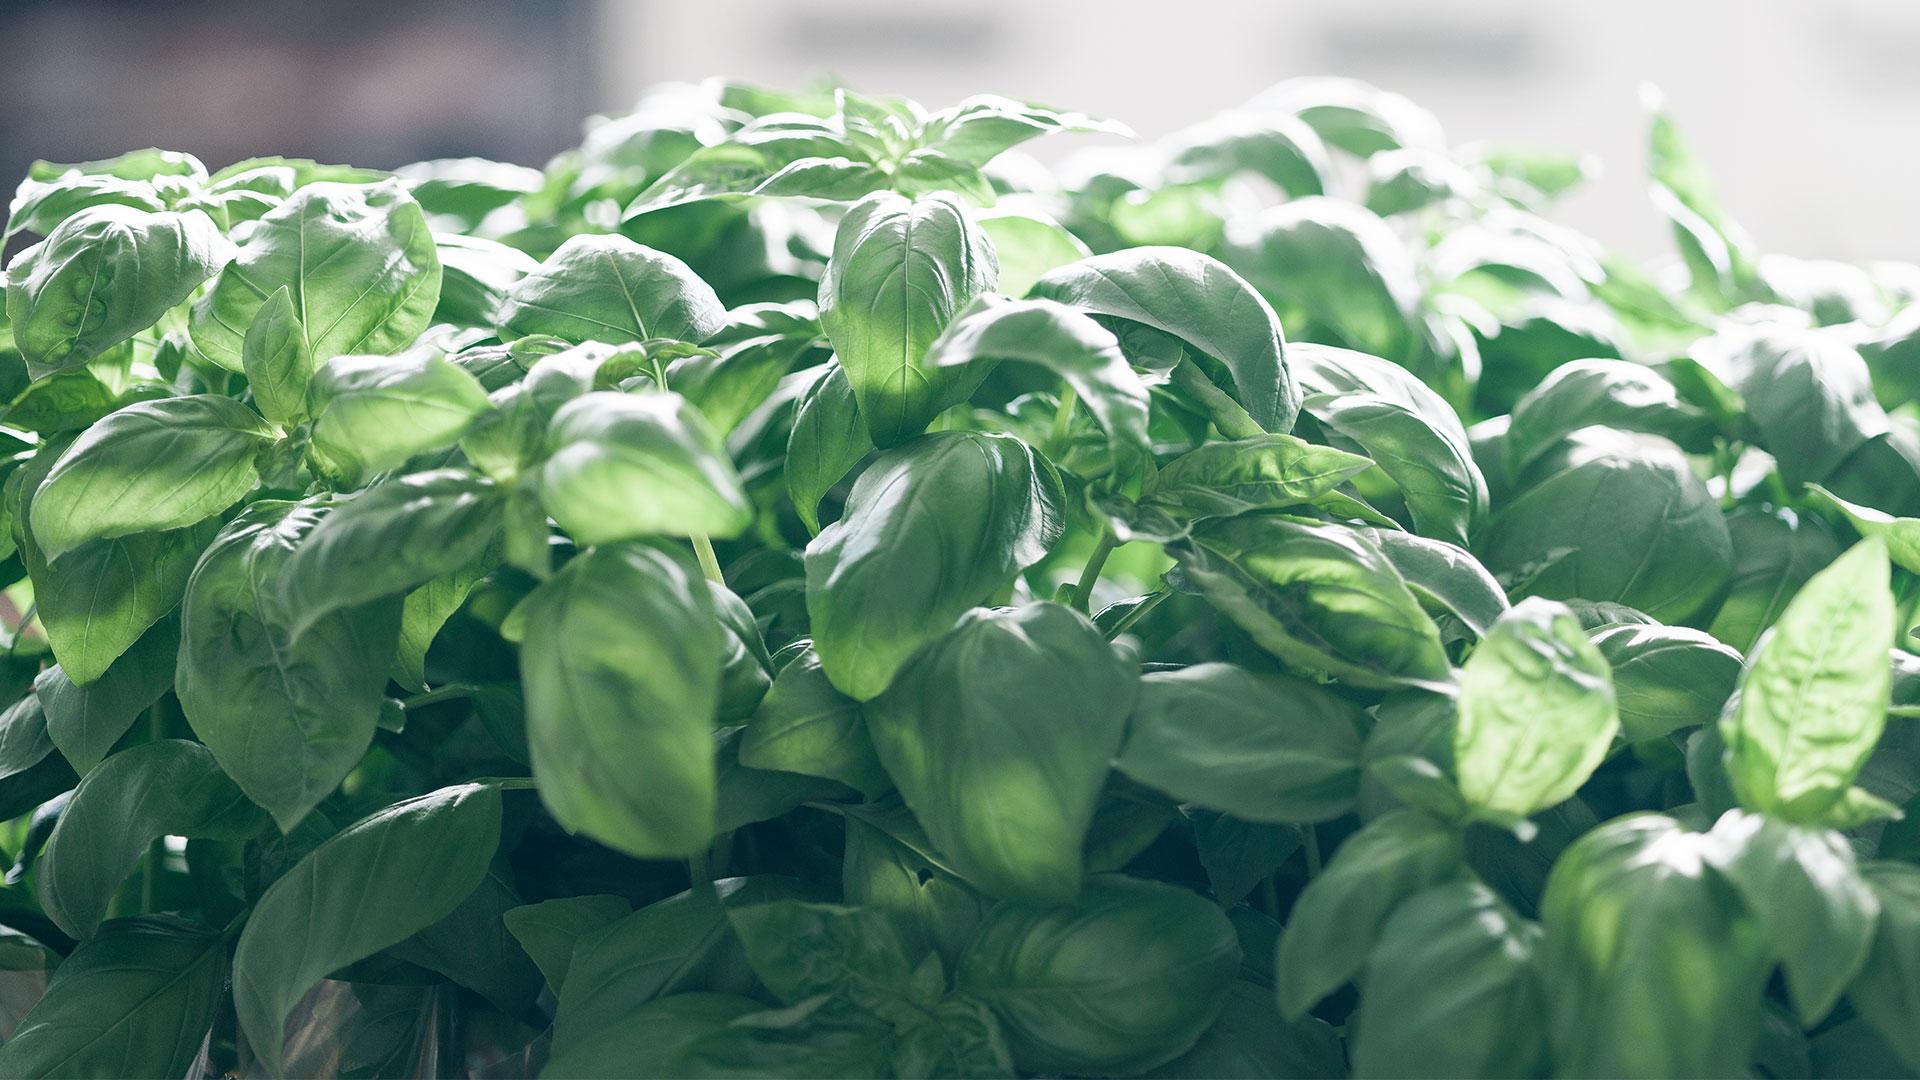 Basilico, fornitura frutta e verdura all'ingrosso | Due Erre Padova